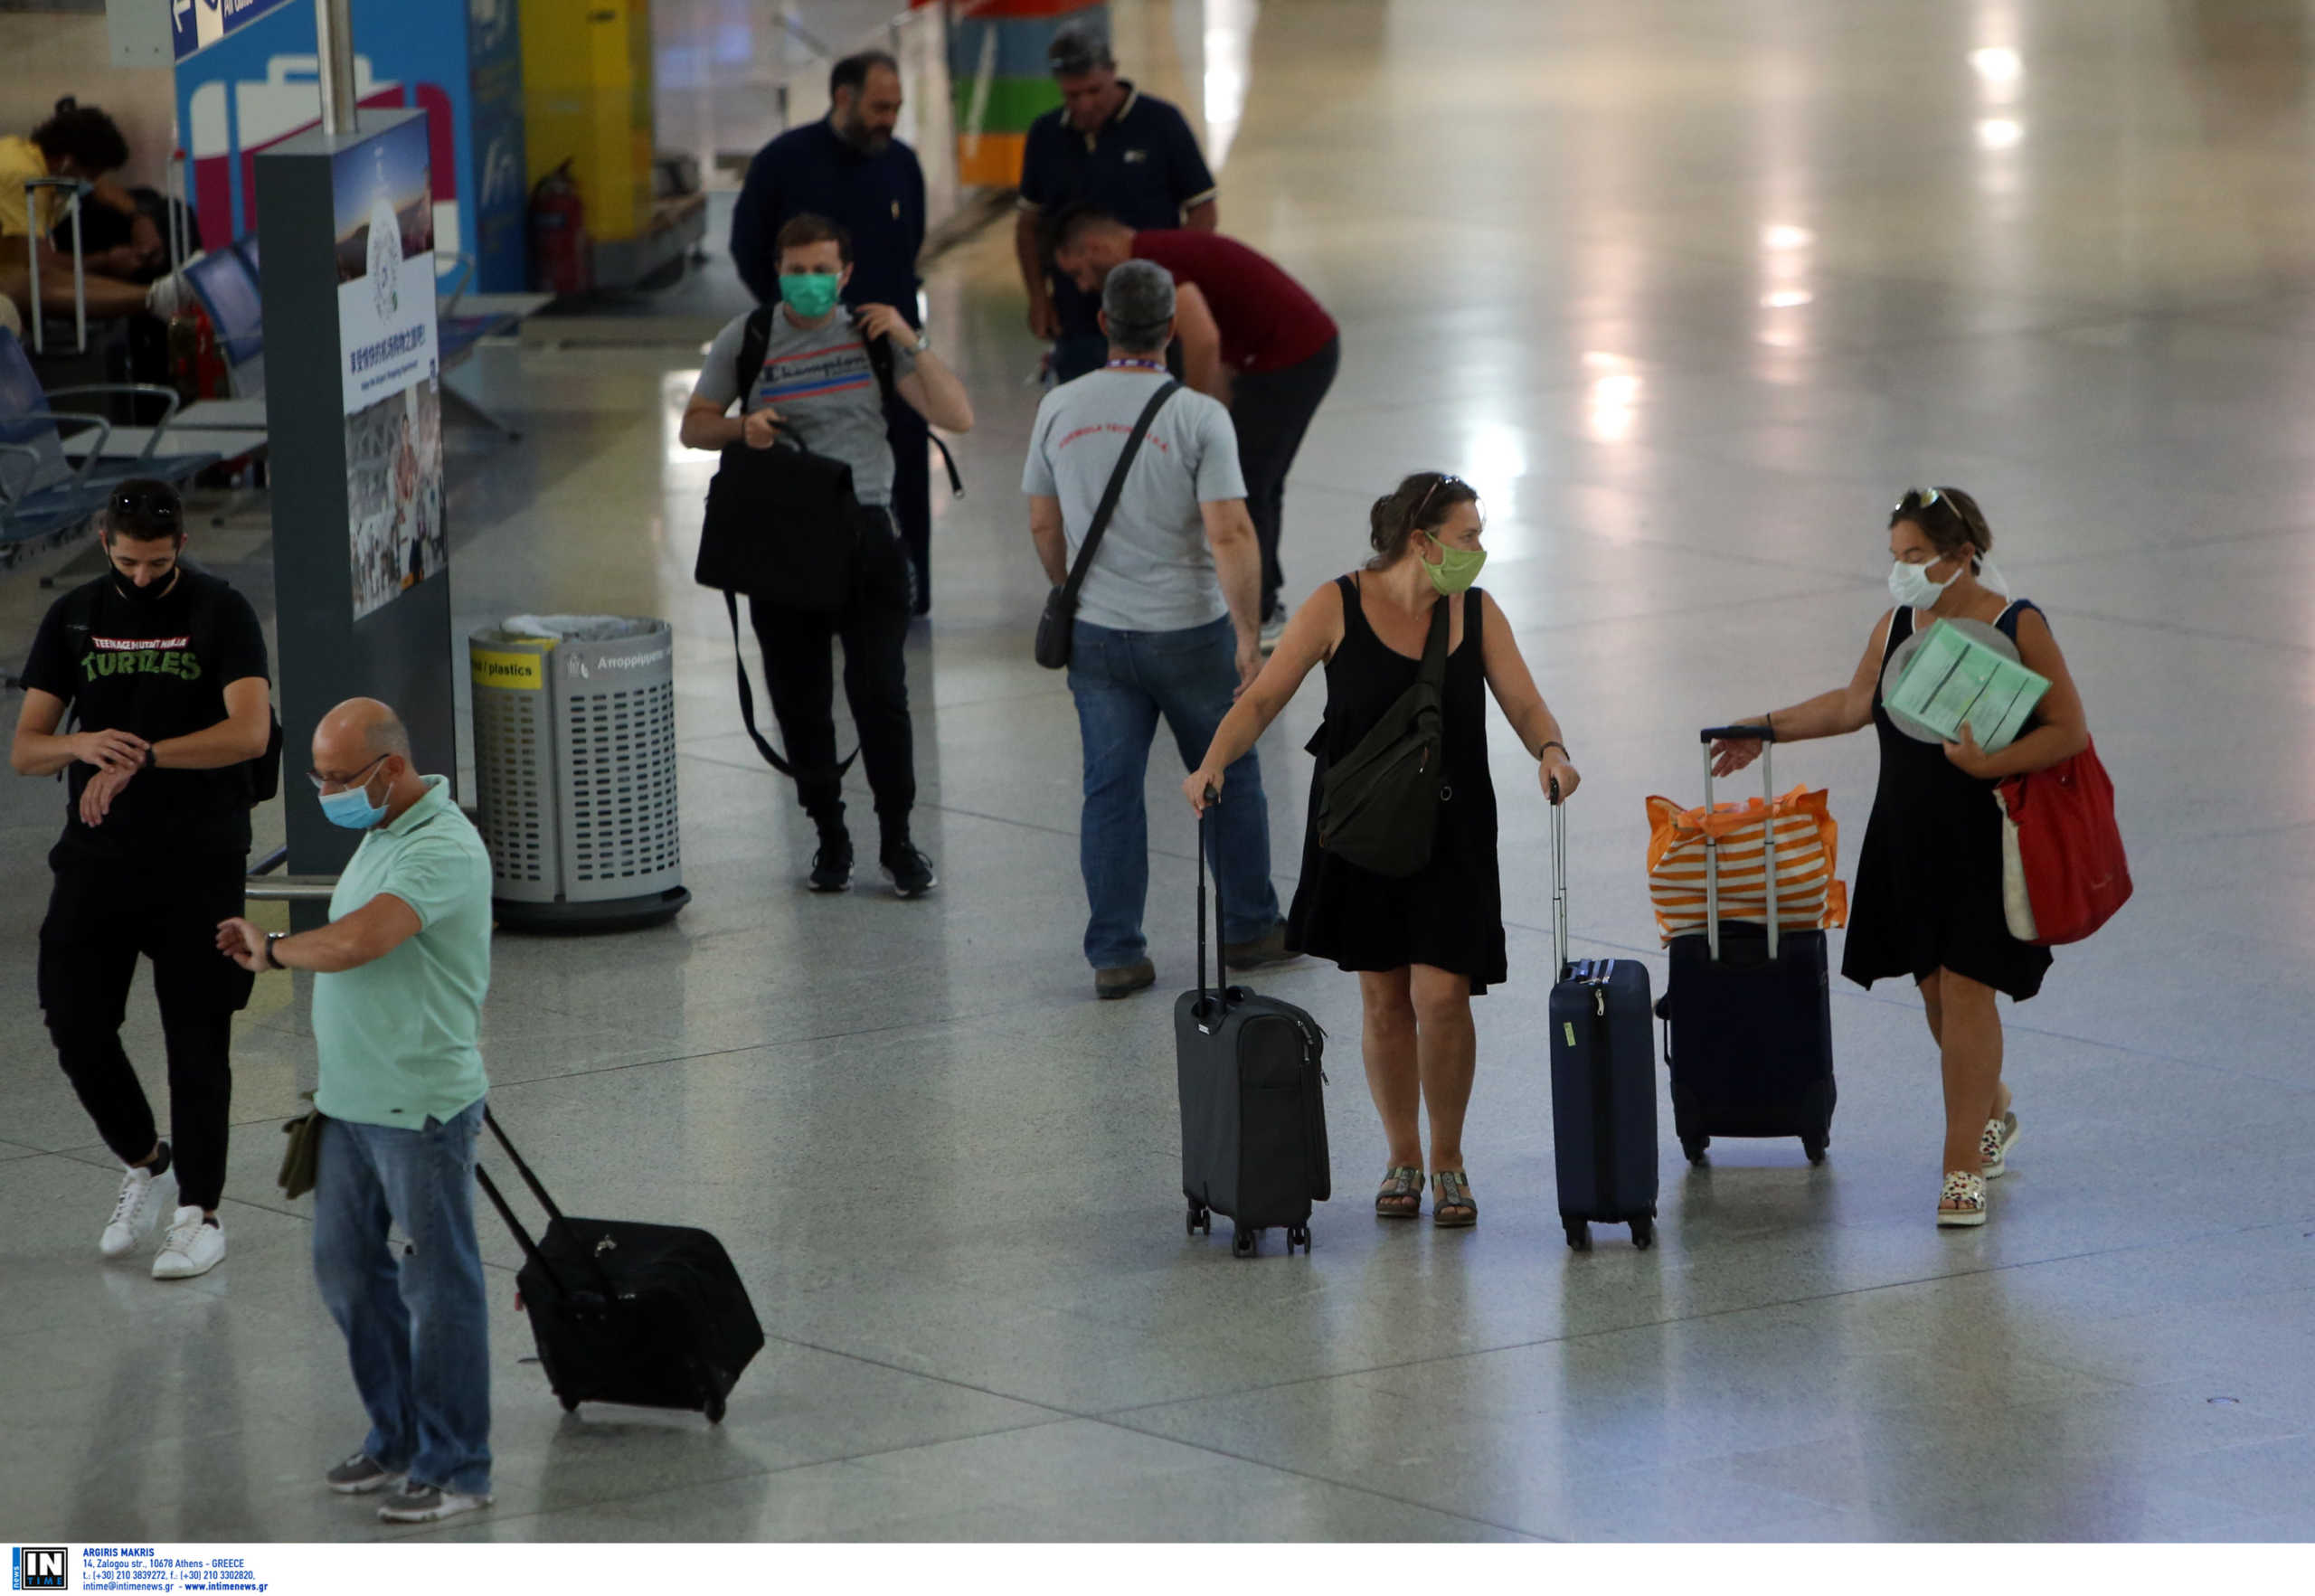 Παράταση ΝΟΤΑΜ έως 13 Σεπτεμβρίου για πτήσεις από και προς τα νησιά